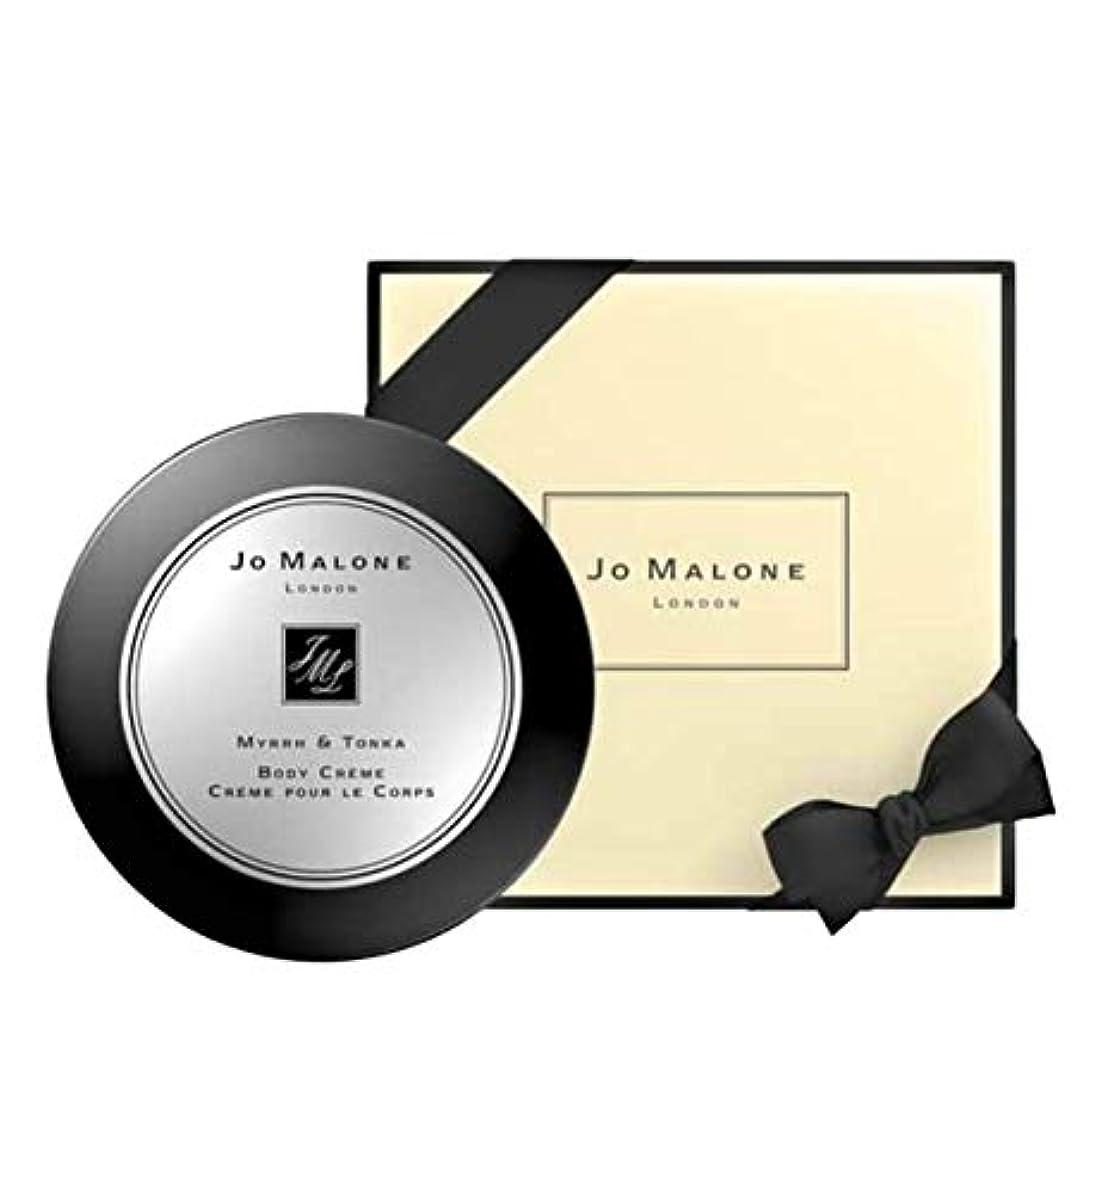 男静めるリフレッシュJO MALONE LONDON(ジョー マローン ロンドン) ミルラ & トンカ ボディ クレーム 175ml